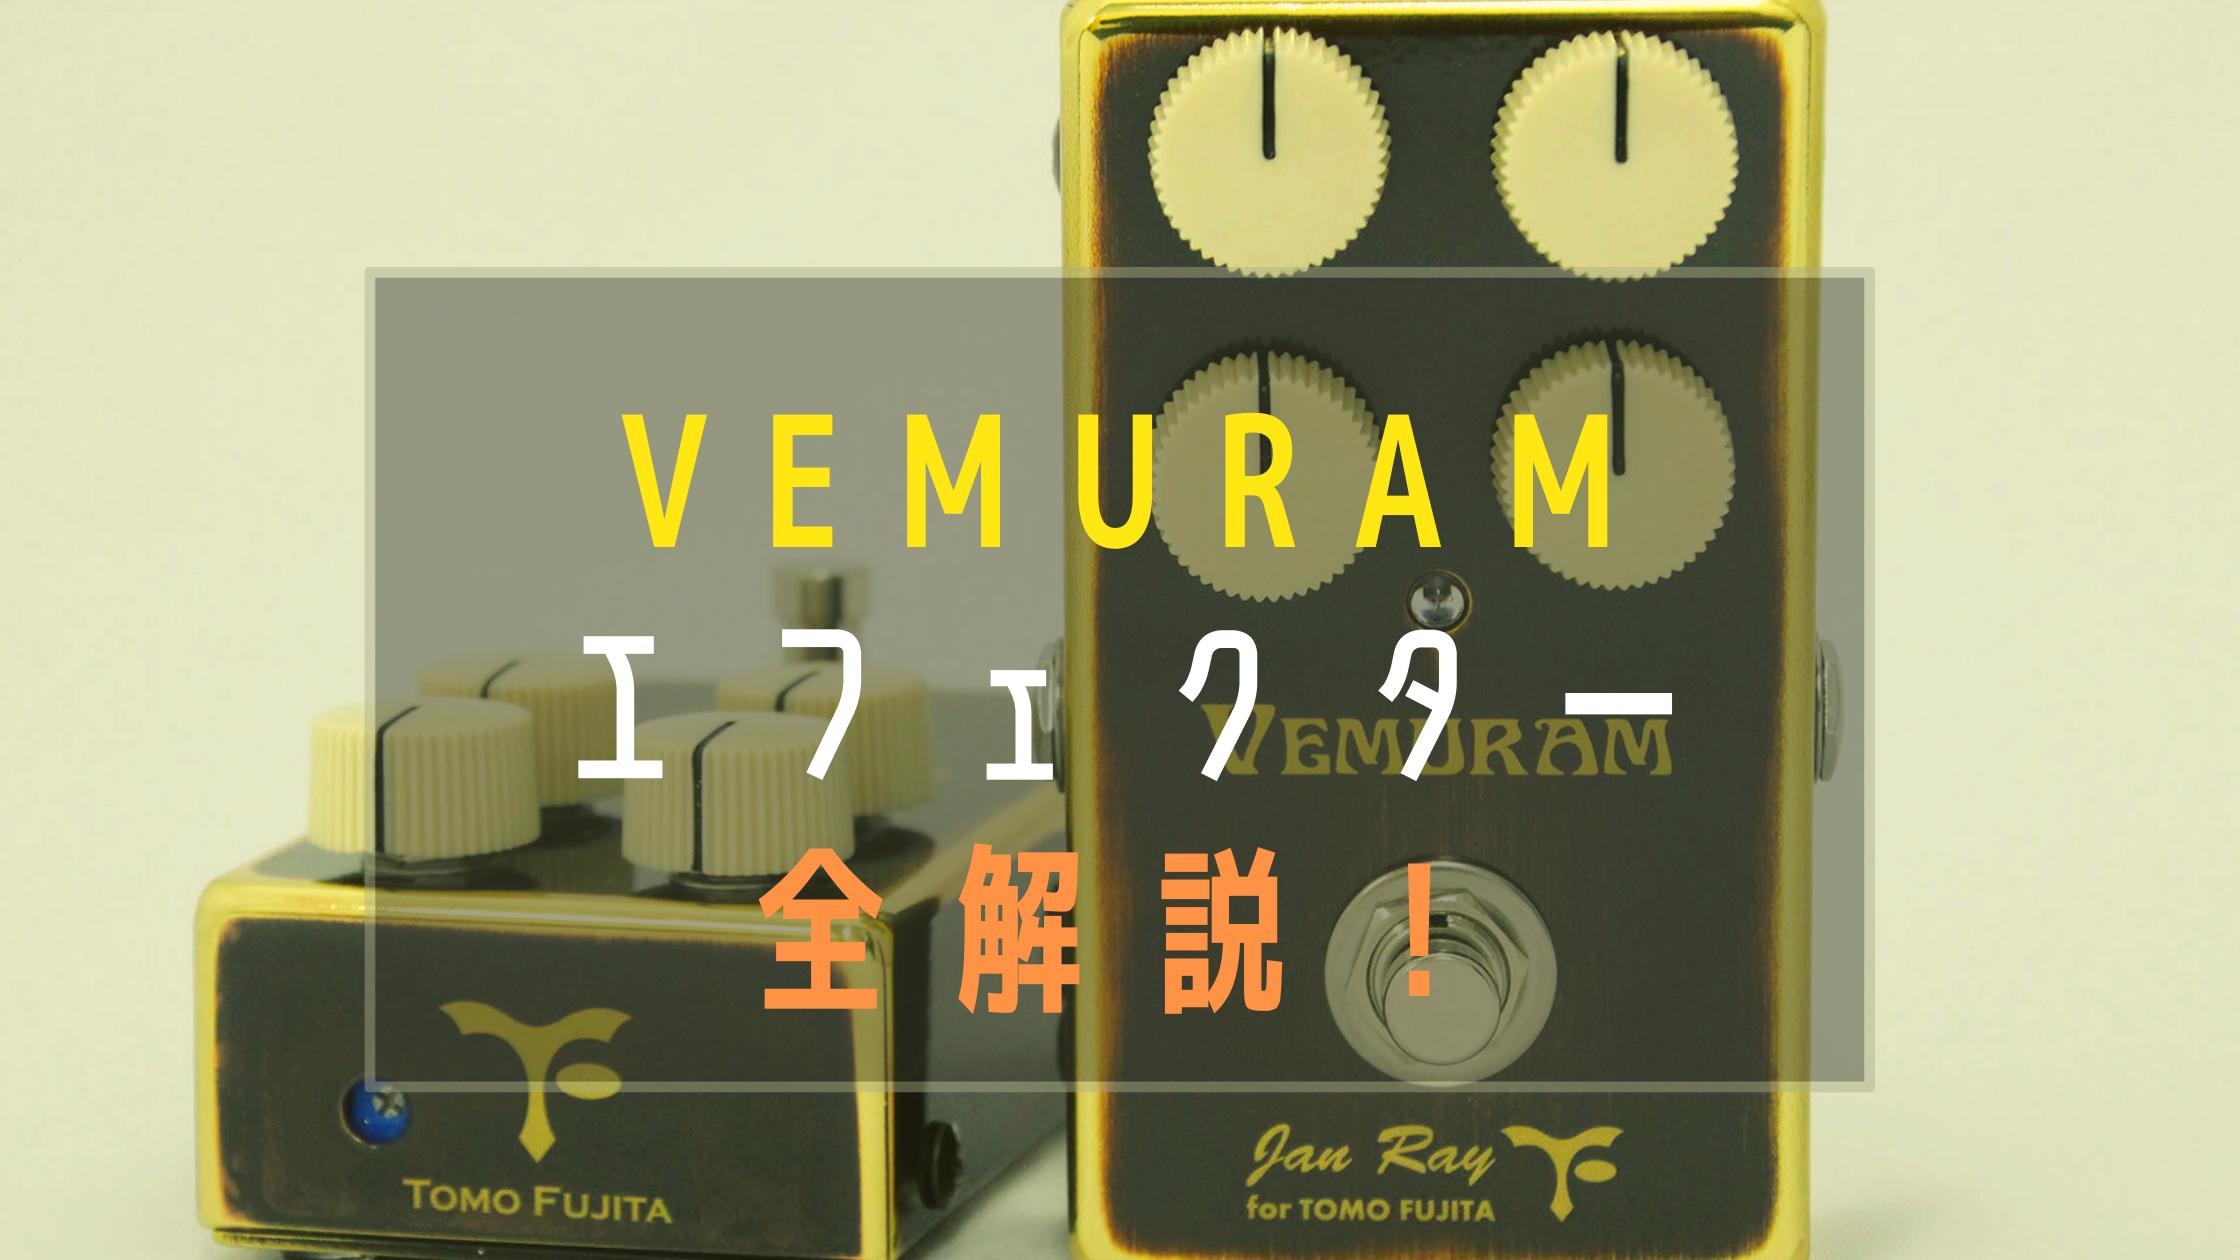 VEMURAM エフェクター 全解説!